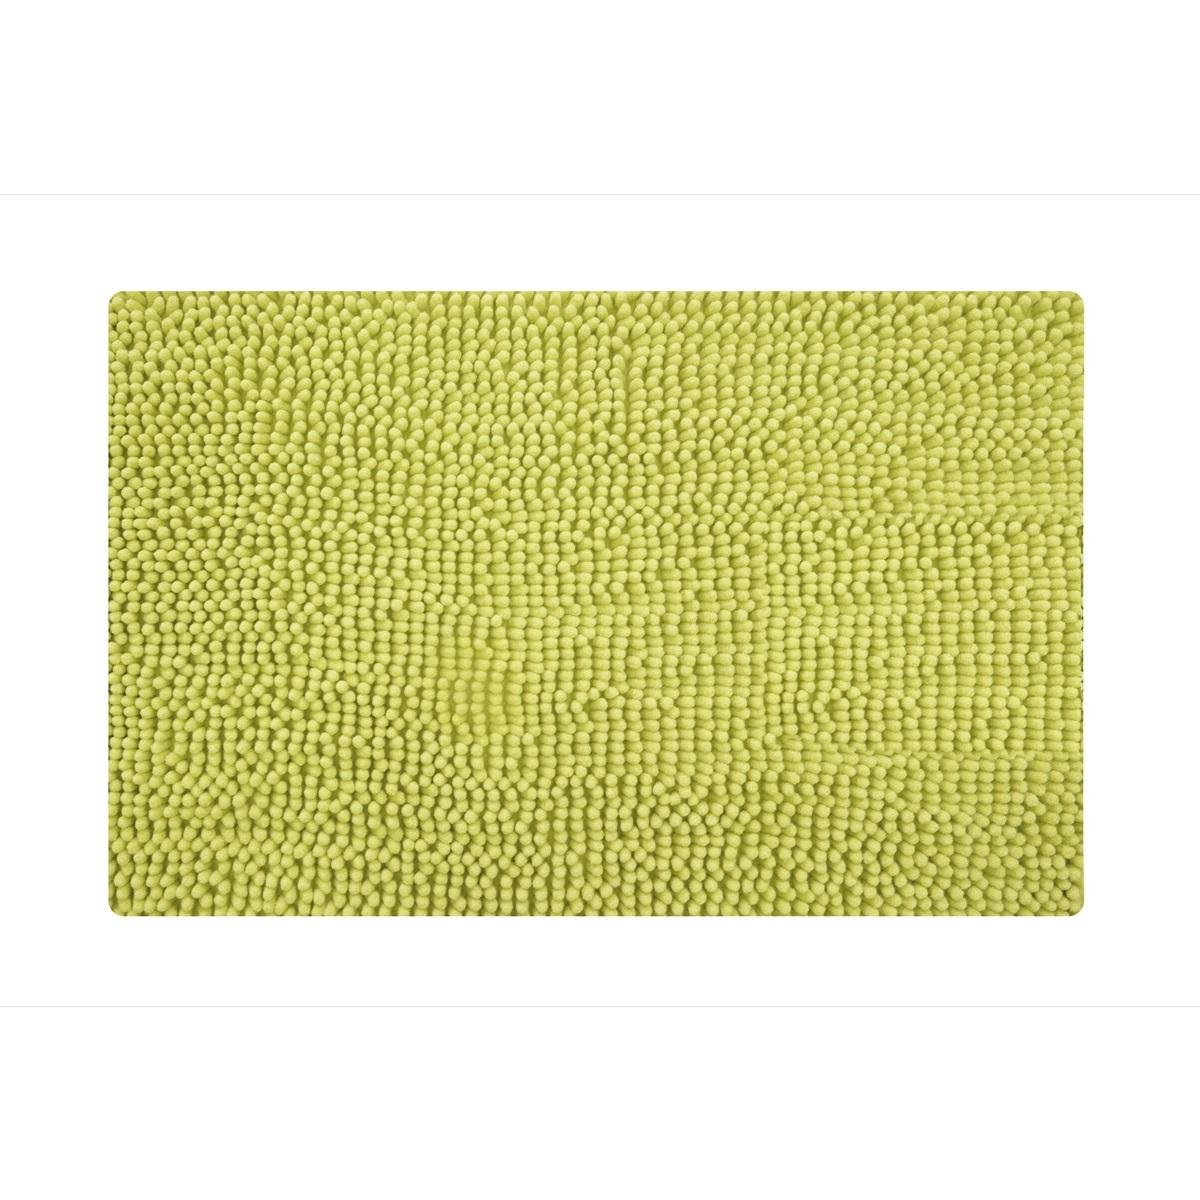 Коврик для ванной Iddis Green Leaf, цвет: зеленый, 50 х 80 см610M580i12Коврик для ванной комнаты Iddis выполнен из микрофибры. Коврик имеет специальную основу, благодаря которой он не скользит на напольных покрытия в ванной, что обеспечивает безопасность во время использования. Коврик изготавливается по специальным технологиям машинного ручного тафтинга, что гарантирует высокое качество и долговечность.Антискользящее покрытие: Hot Melt. Высота ворса: 2 см.